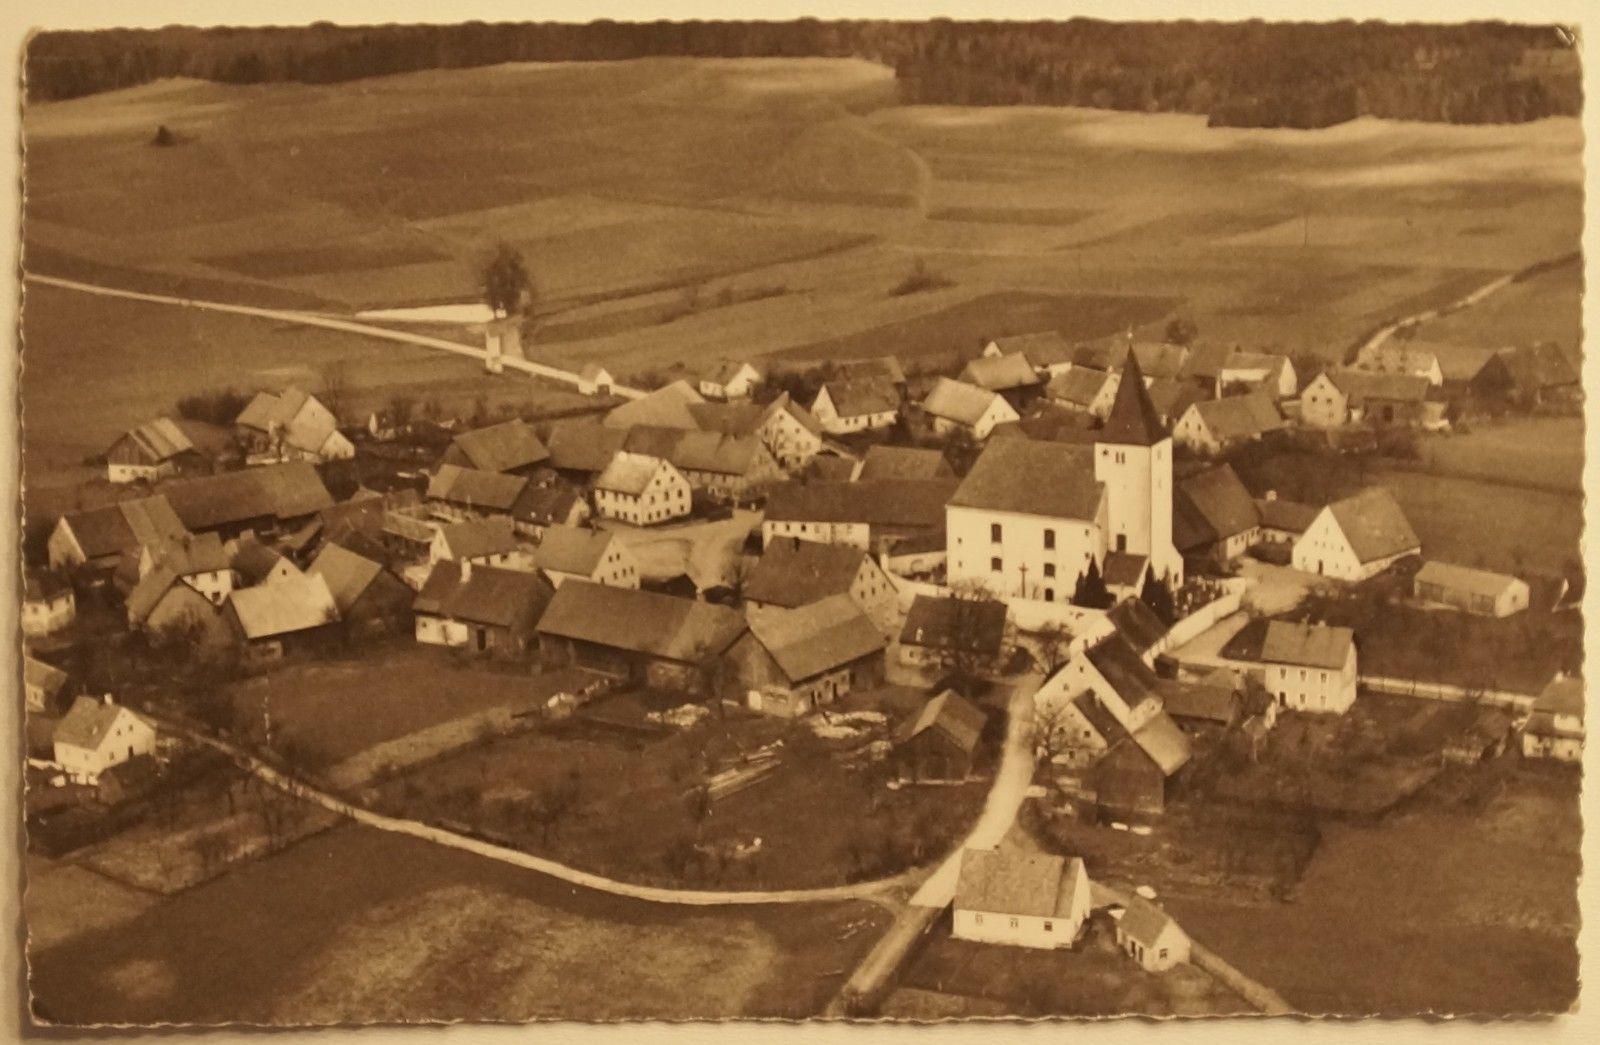 Luftbild Trautmannshofen um 1920 Wikimedia